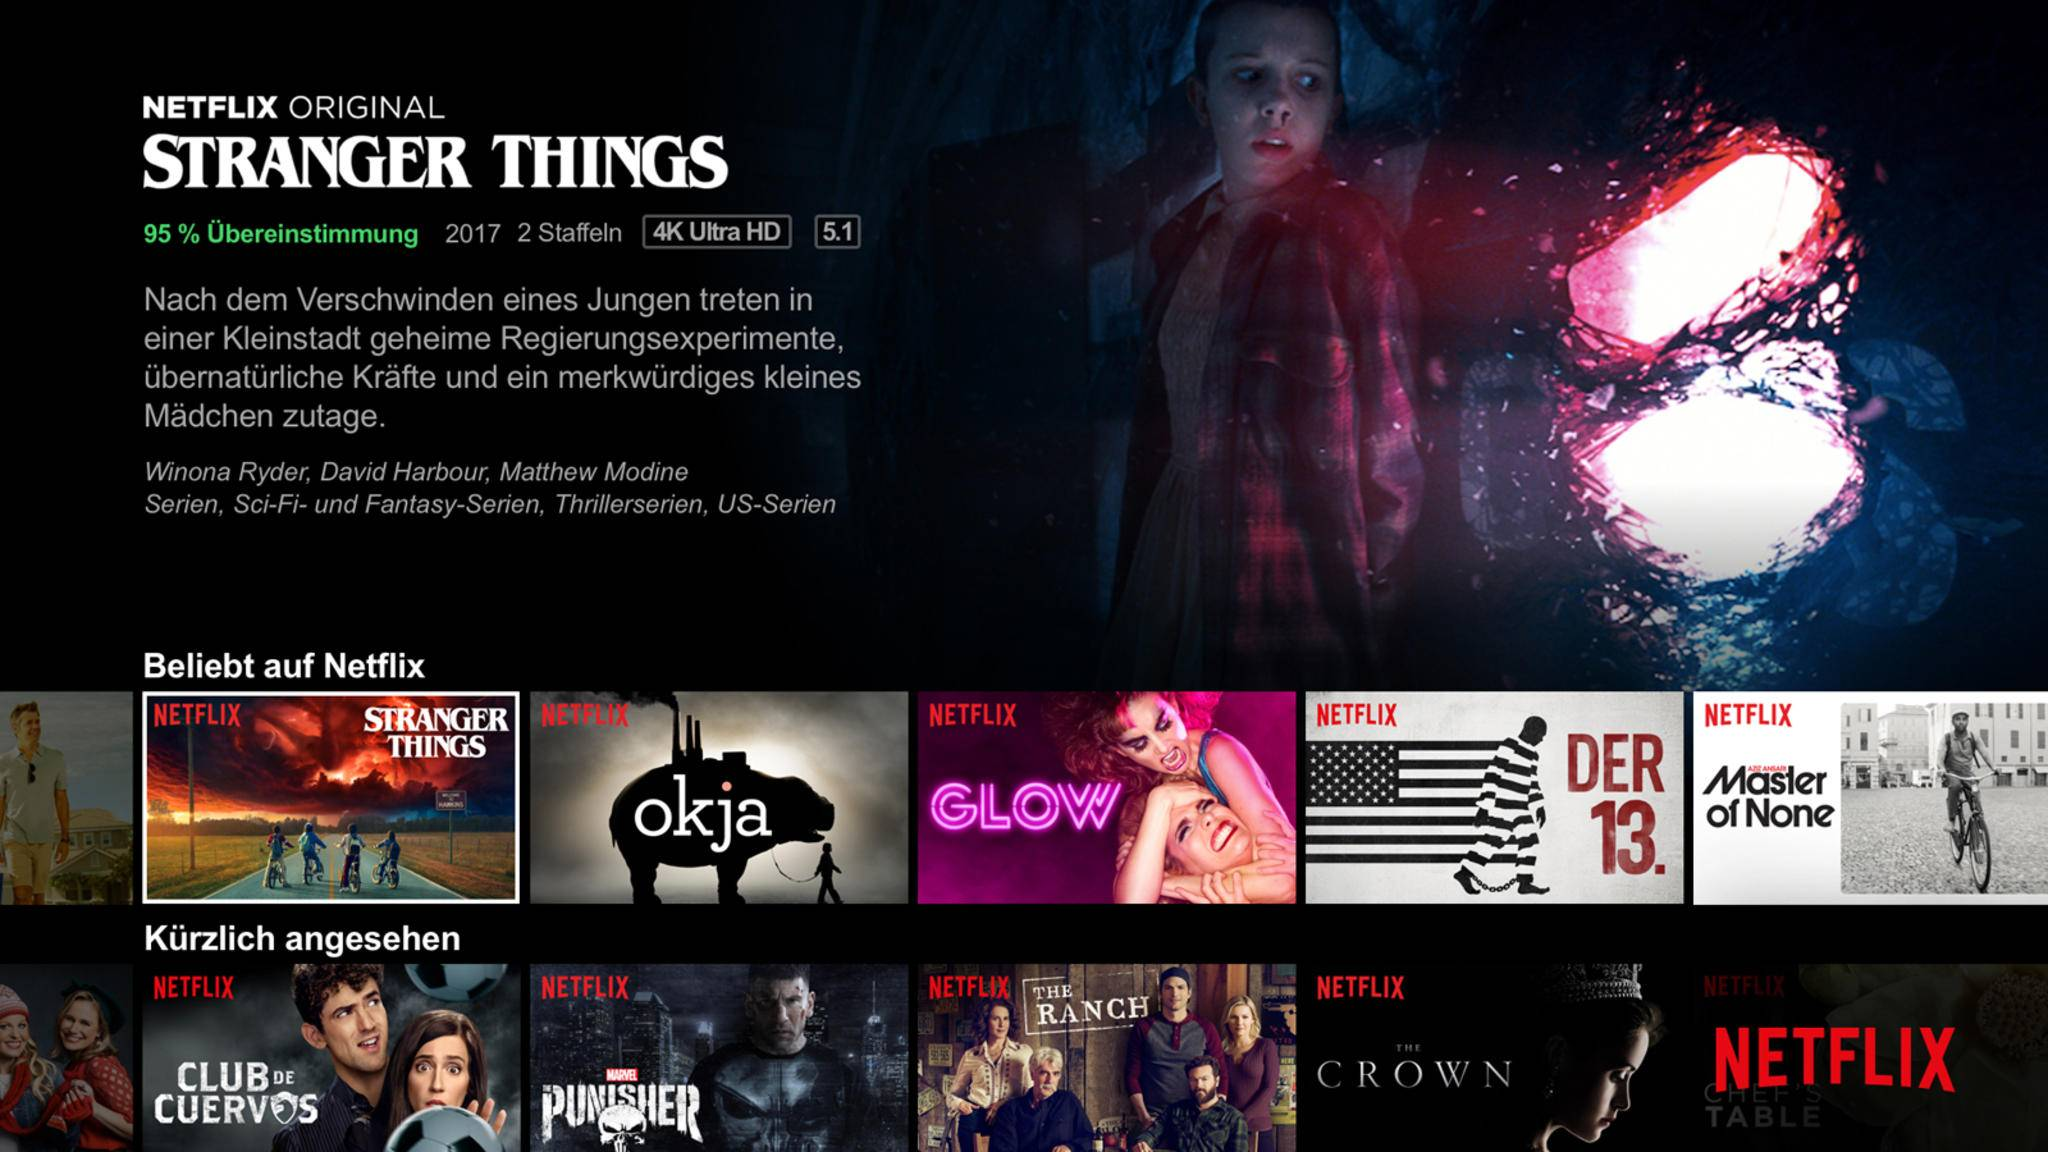 Netflix produziert auf Hochtouren Original-Inhalte – und scheut dabei weder Kosten noch Mühen.